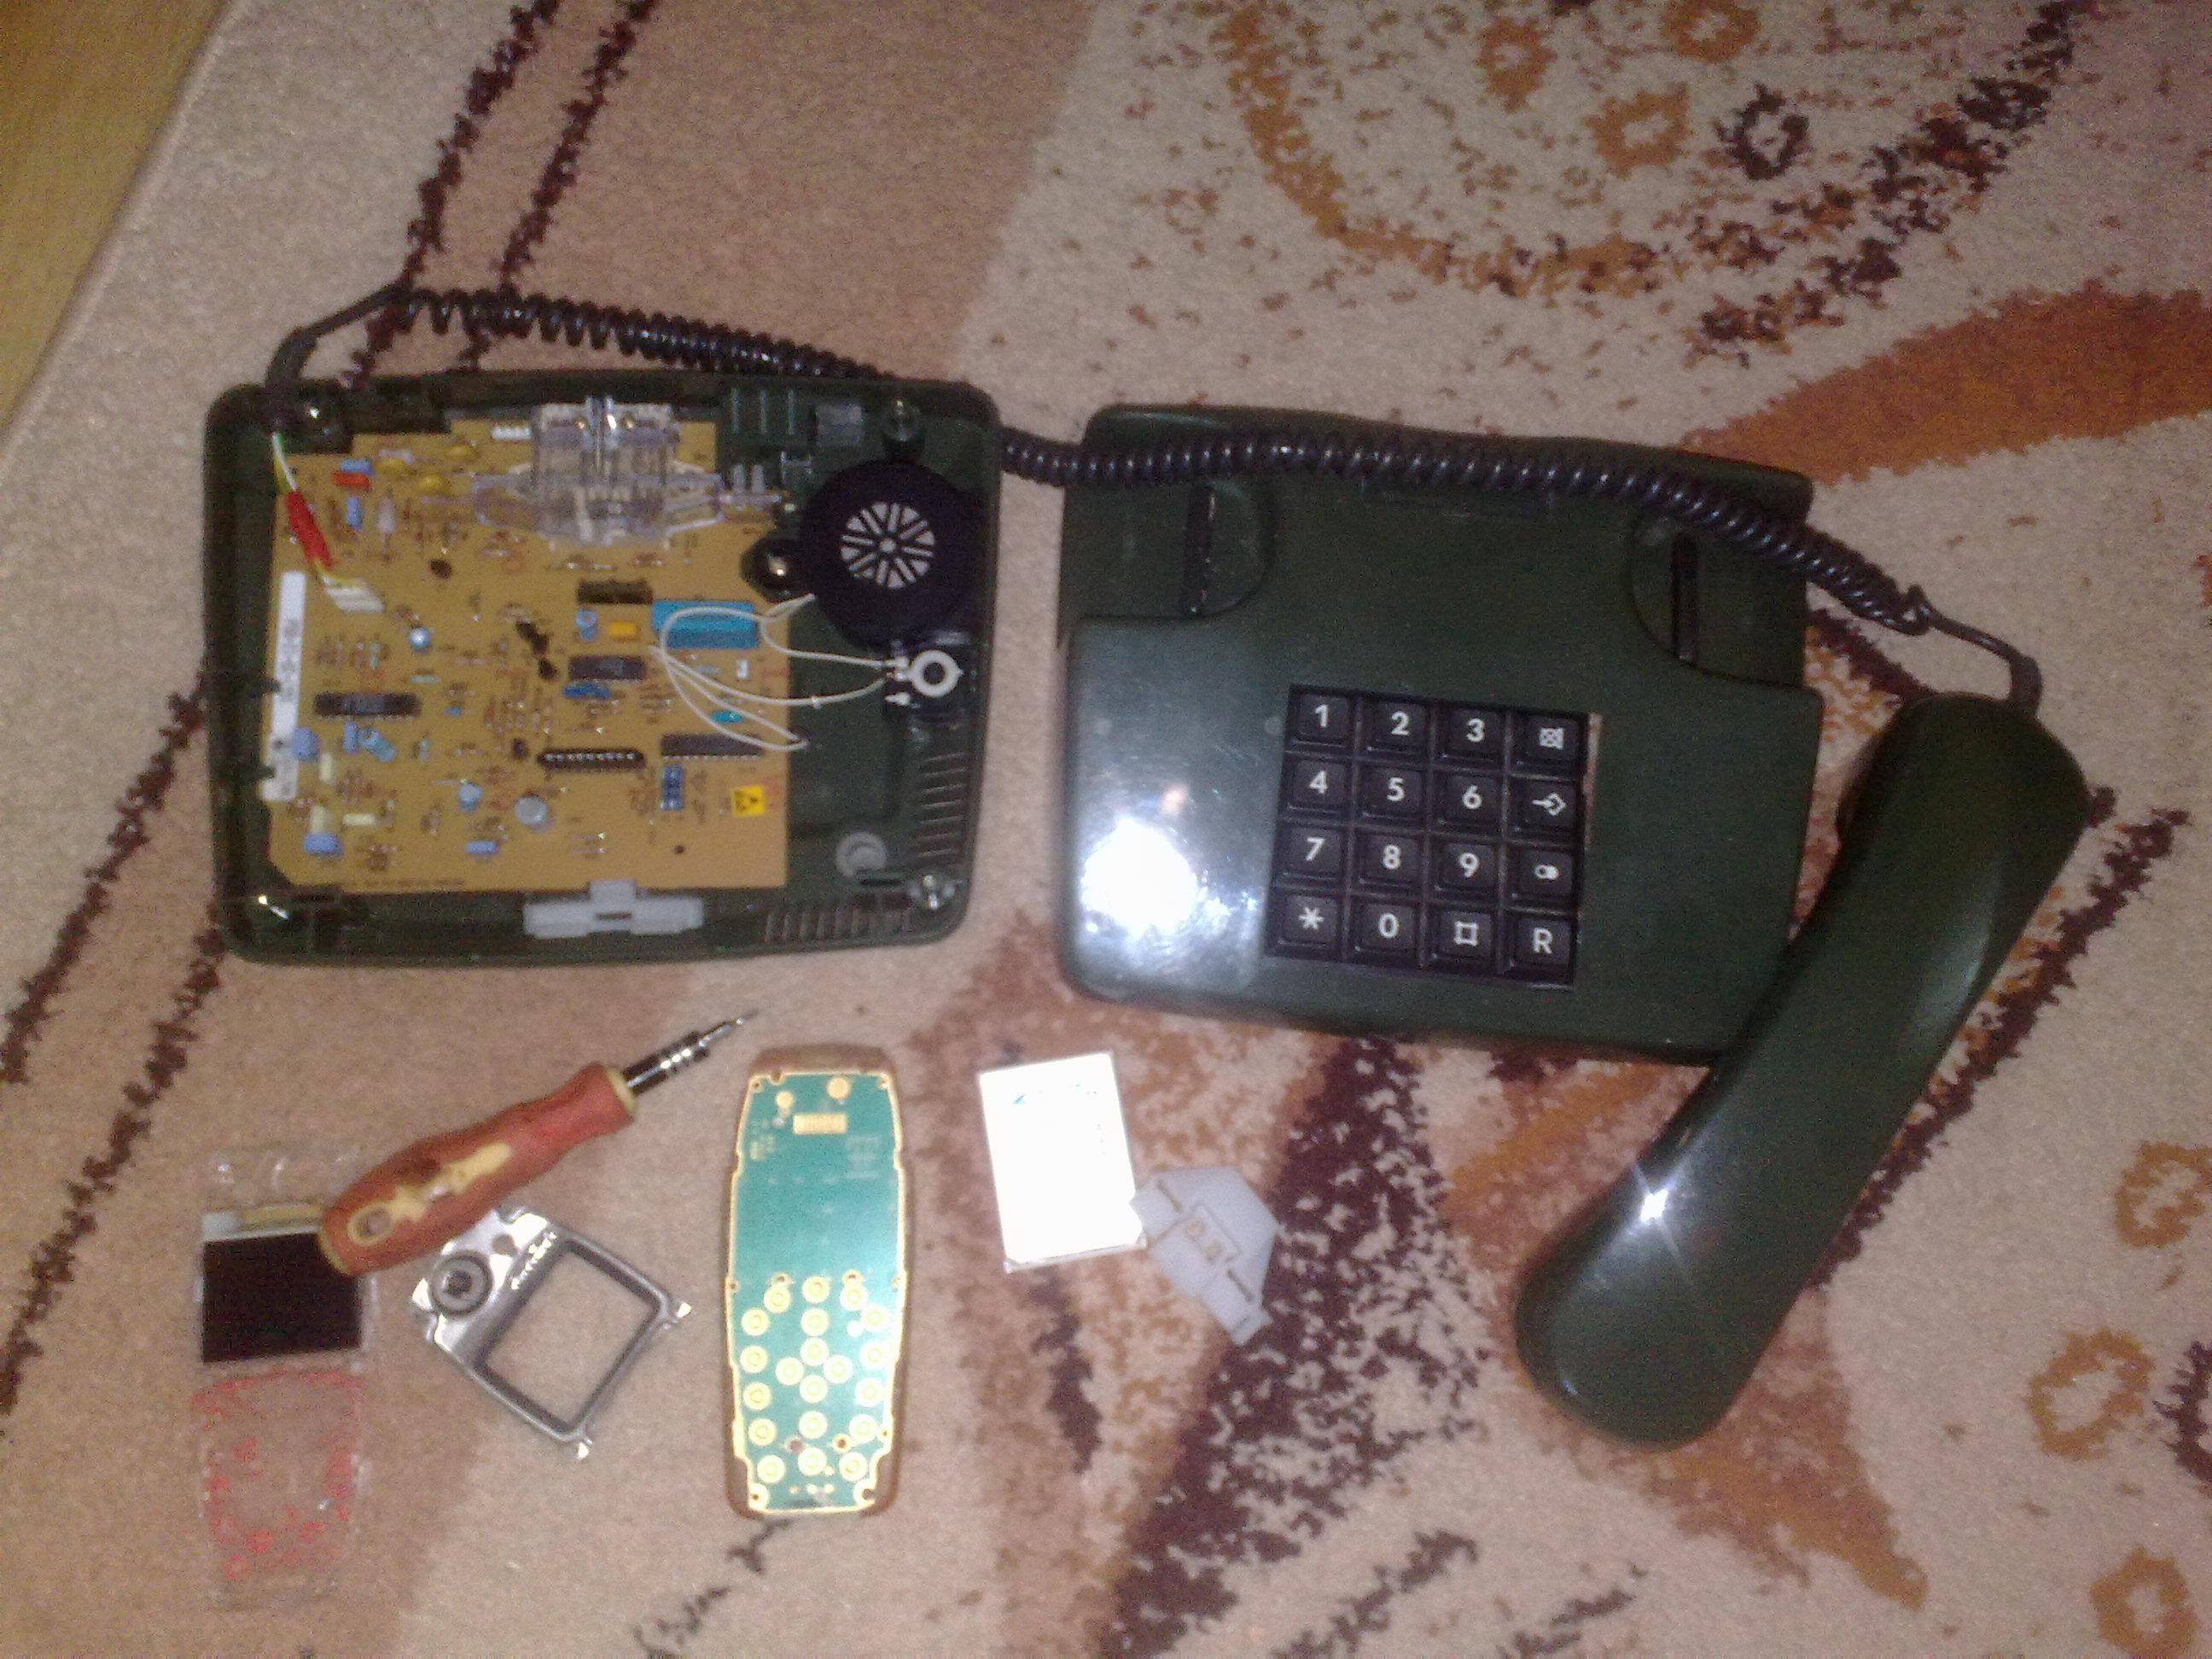 Bezprzewodowy stary Telefon Stacionarny TEL 01LX + NOKIA 3510i